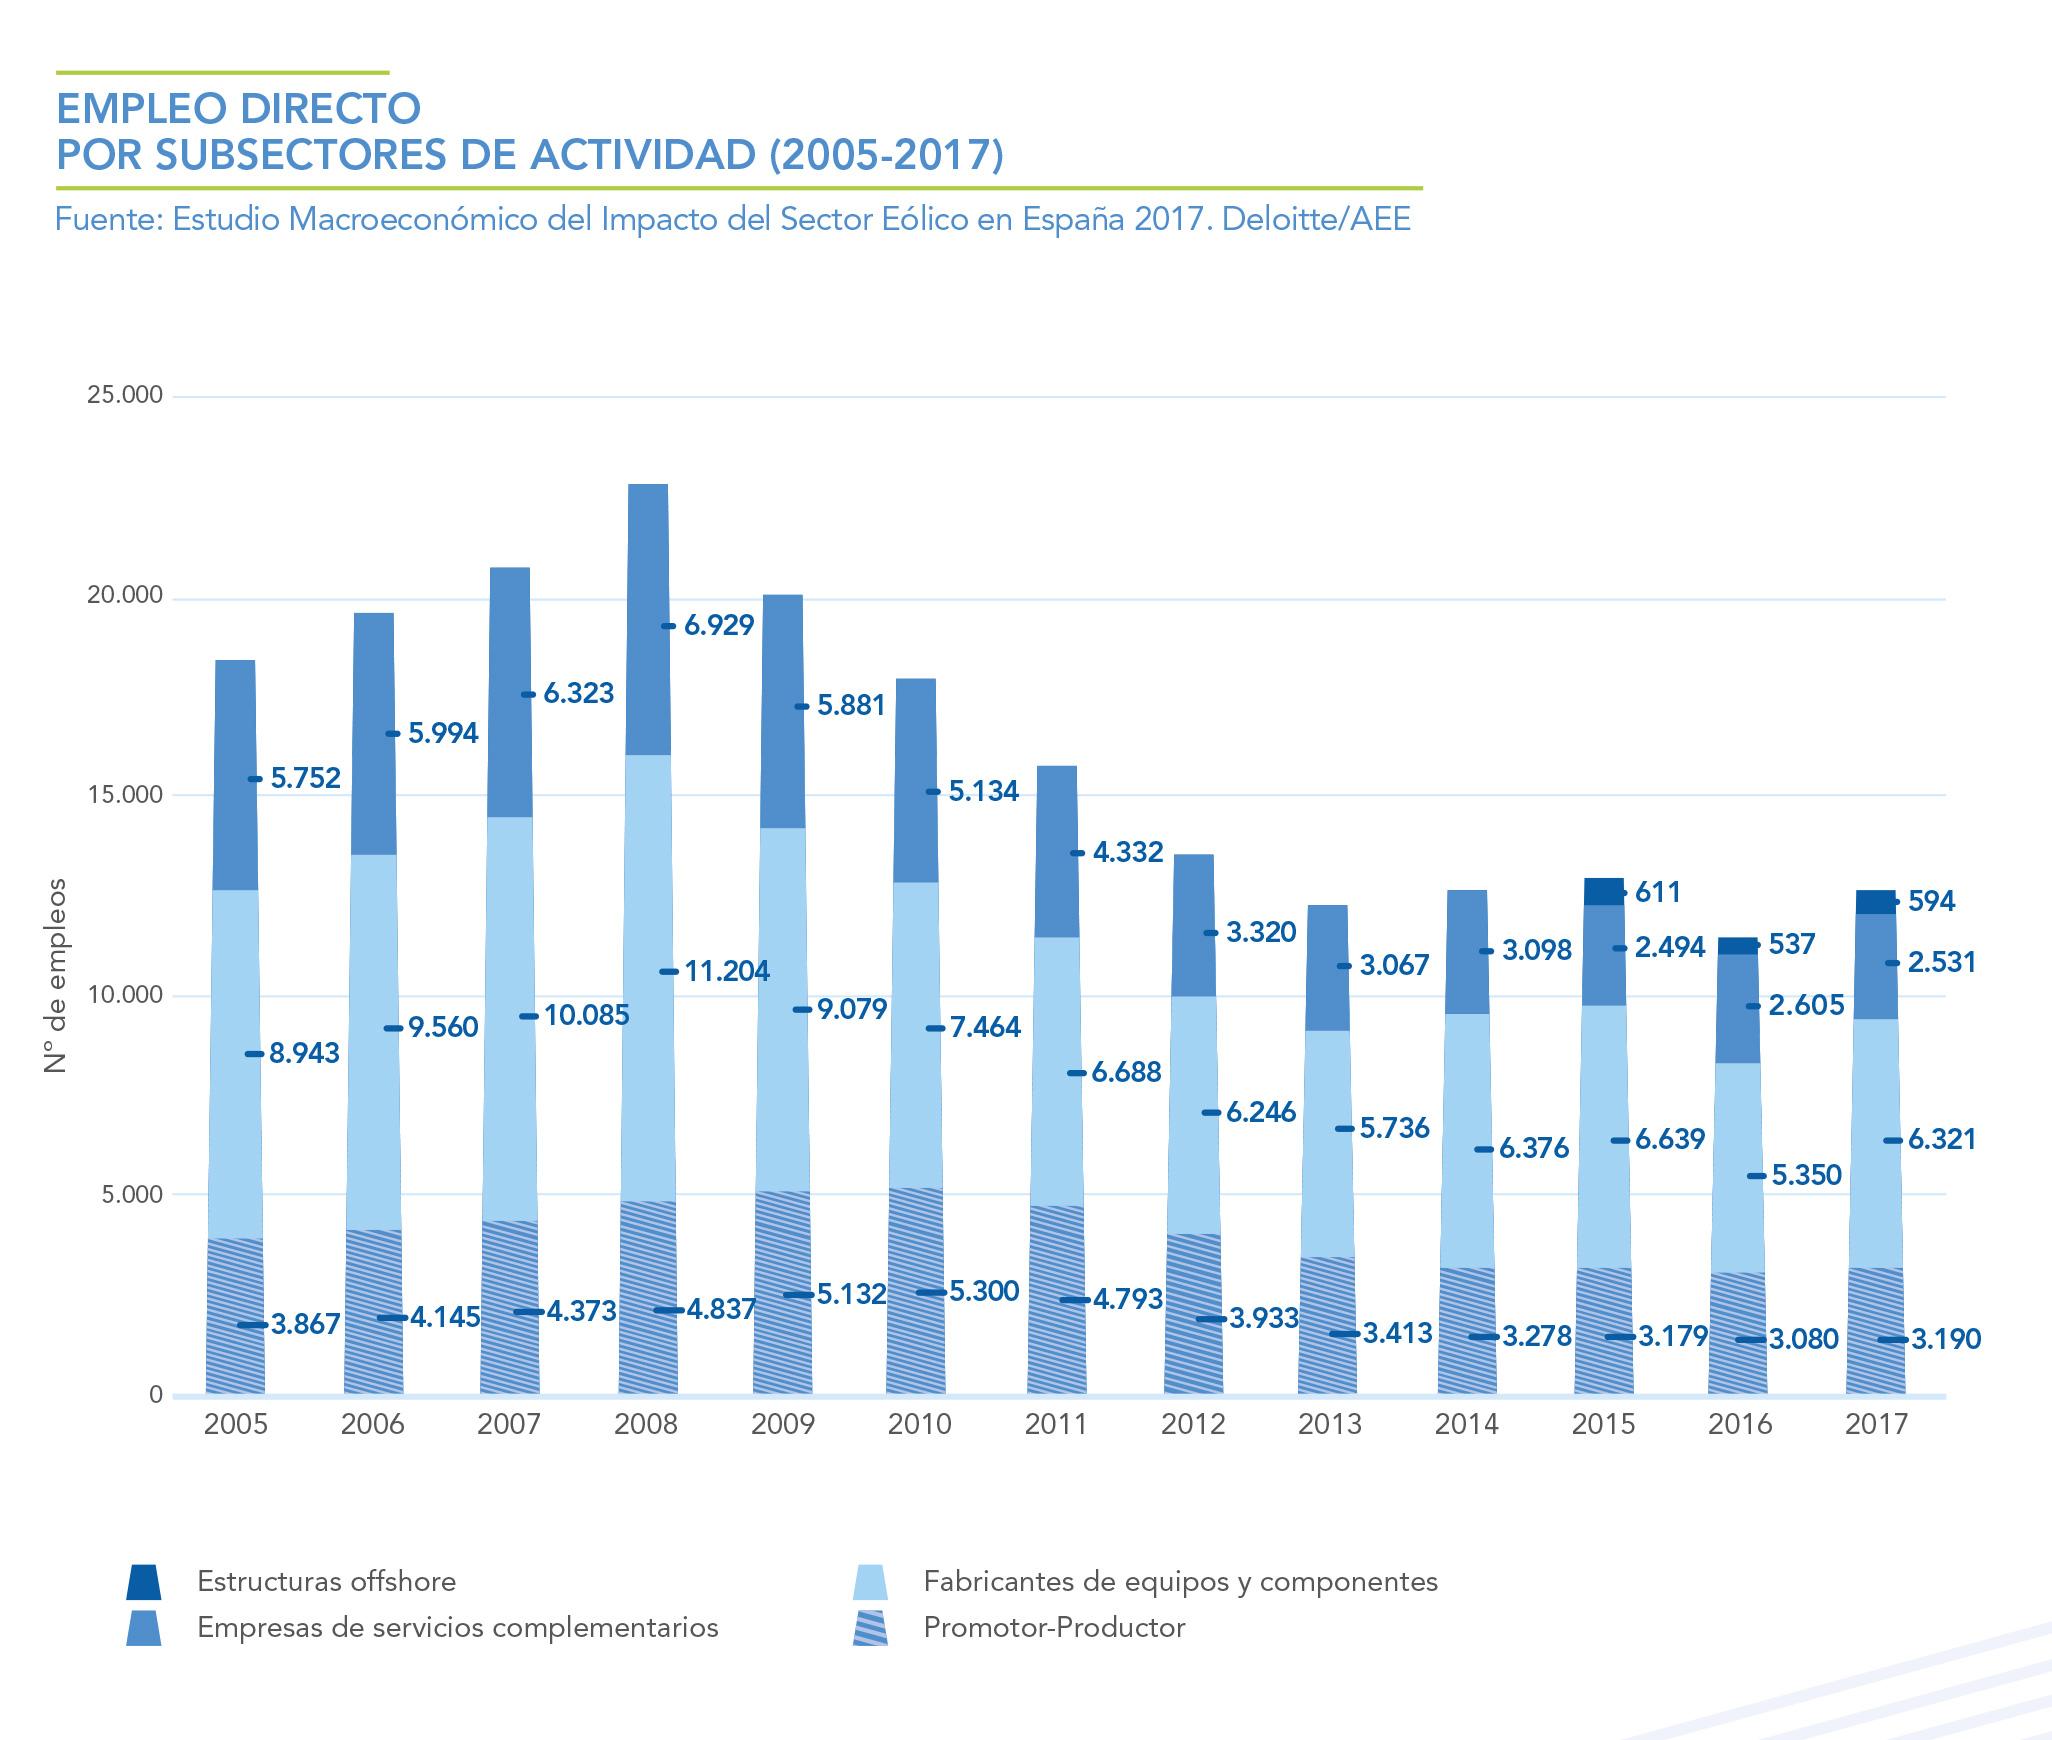 EMPLEO-DIRECTO-POR-SUBSECTORES-DE-ACTIVIDAD-2005---2017